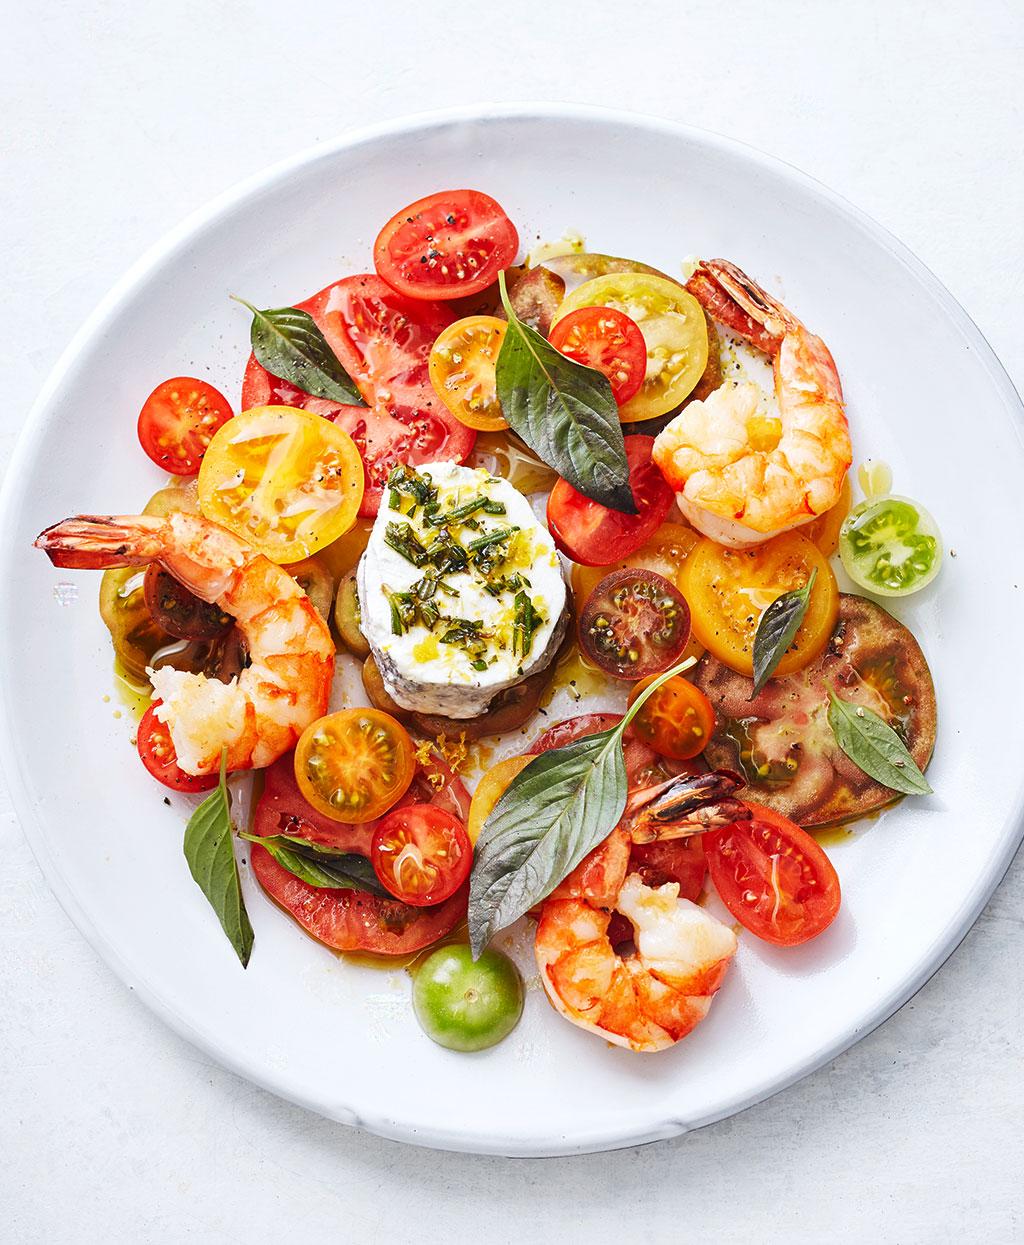 tomatensalat mit garnelen rezept essen und trinken. Black Bedroom Furniture Sets. Home Design Ideas